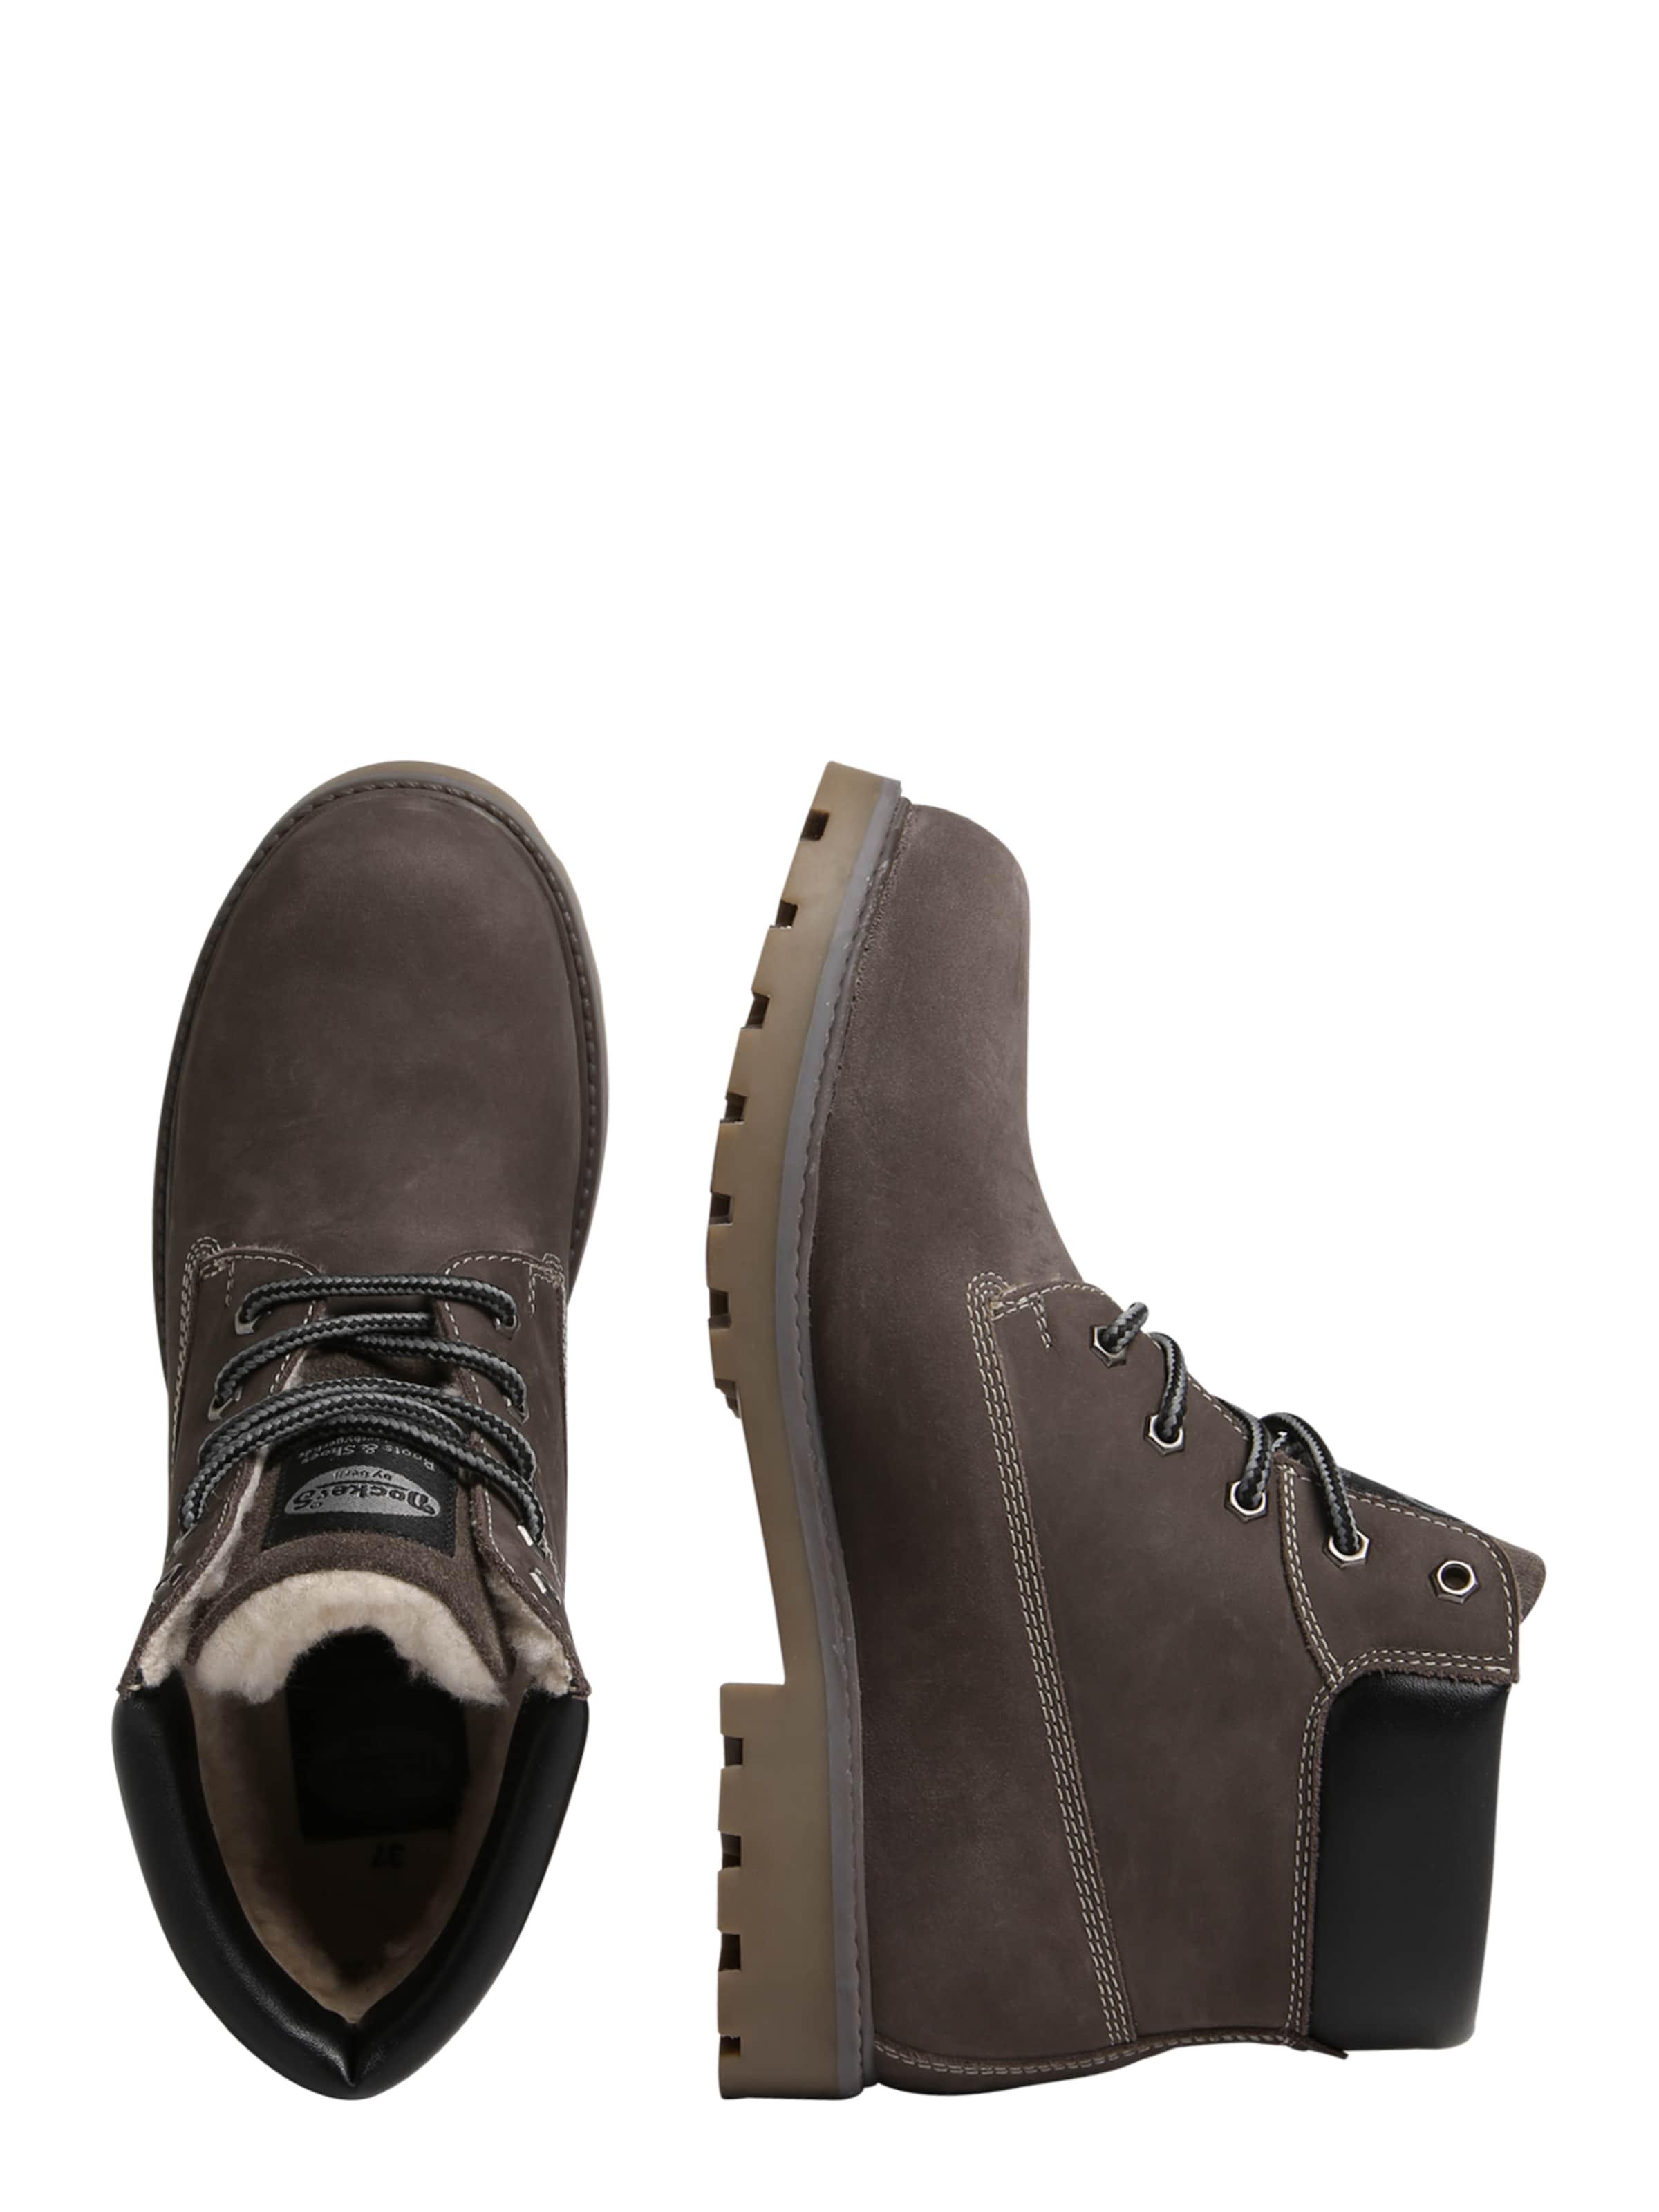 Dockers Brun Foncé Boots Gerli En By 5L4RA3j